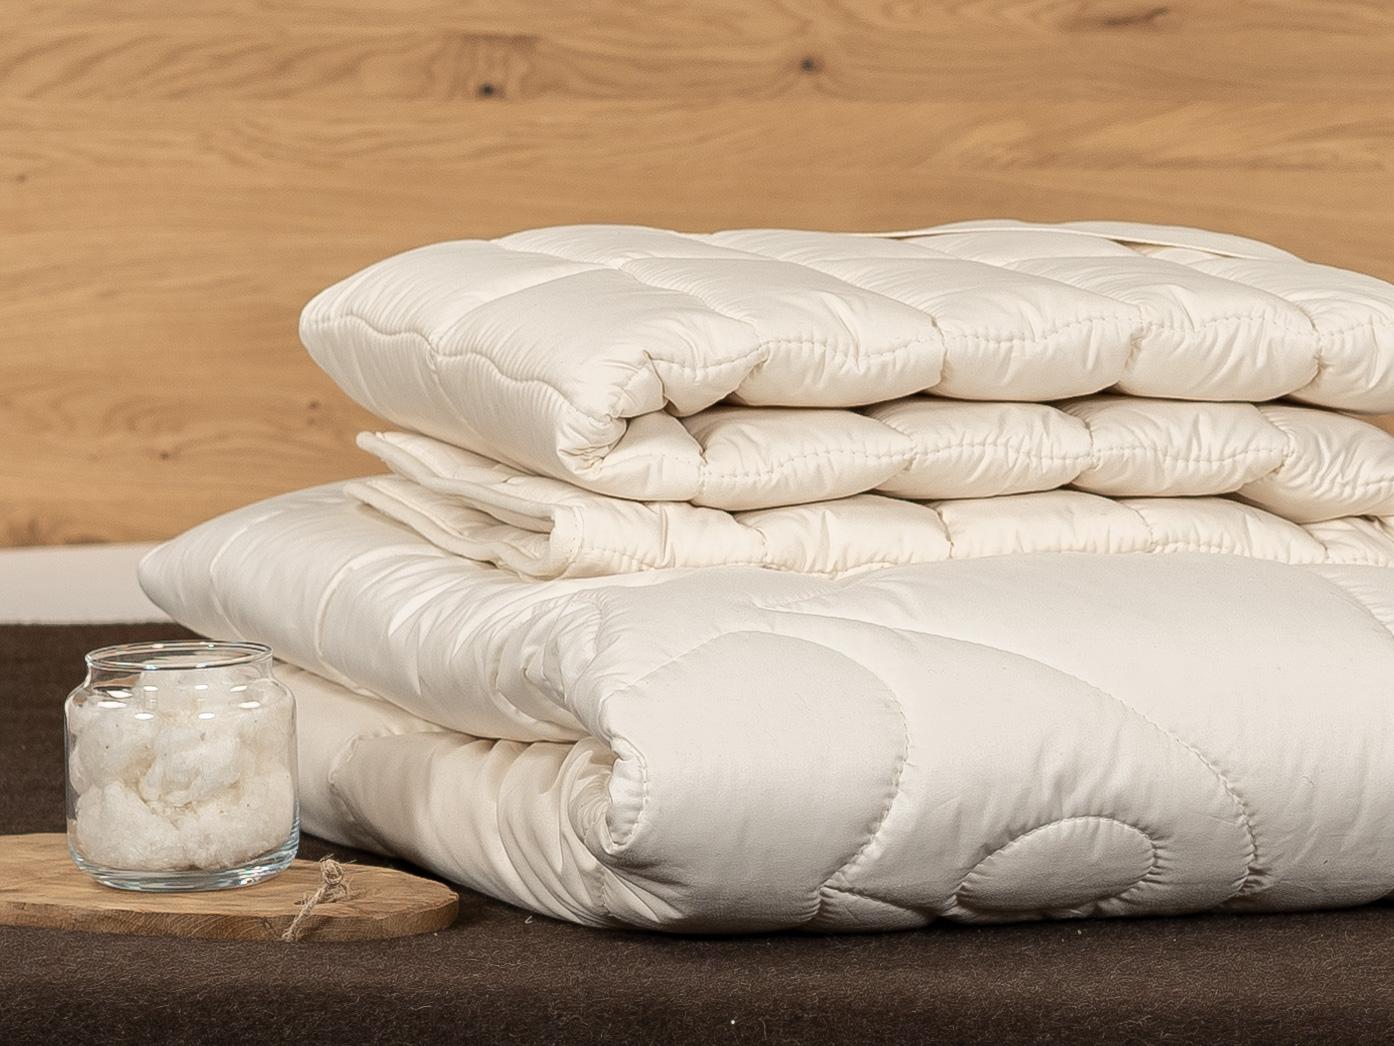 Die verwendete Bio-Baumwolle (kbA) ist besonders anschmiegsam.